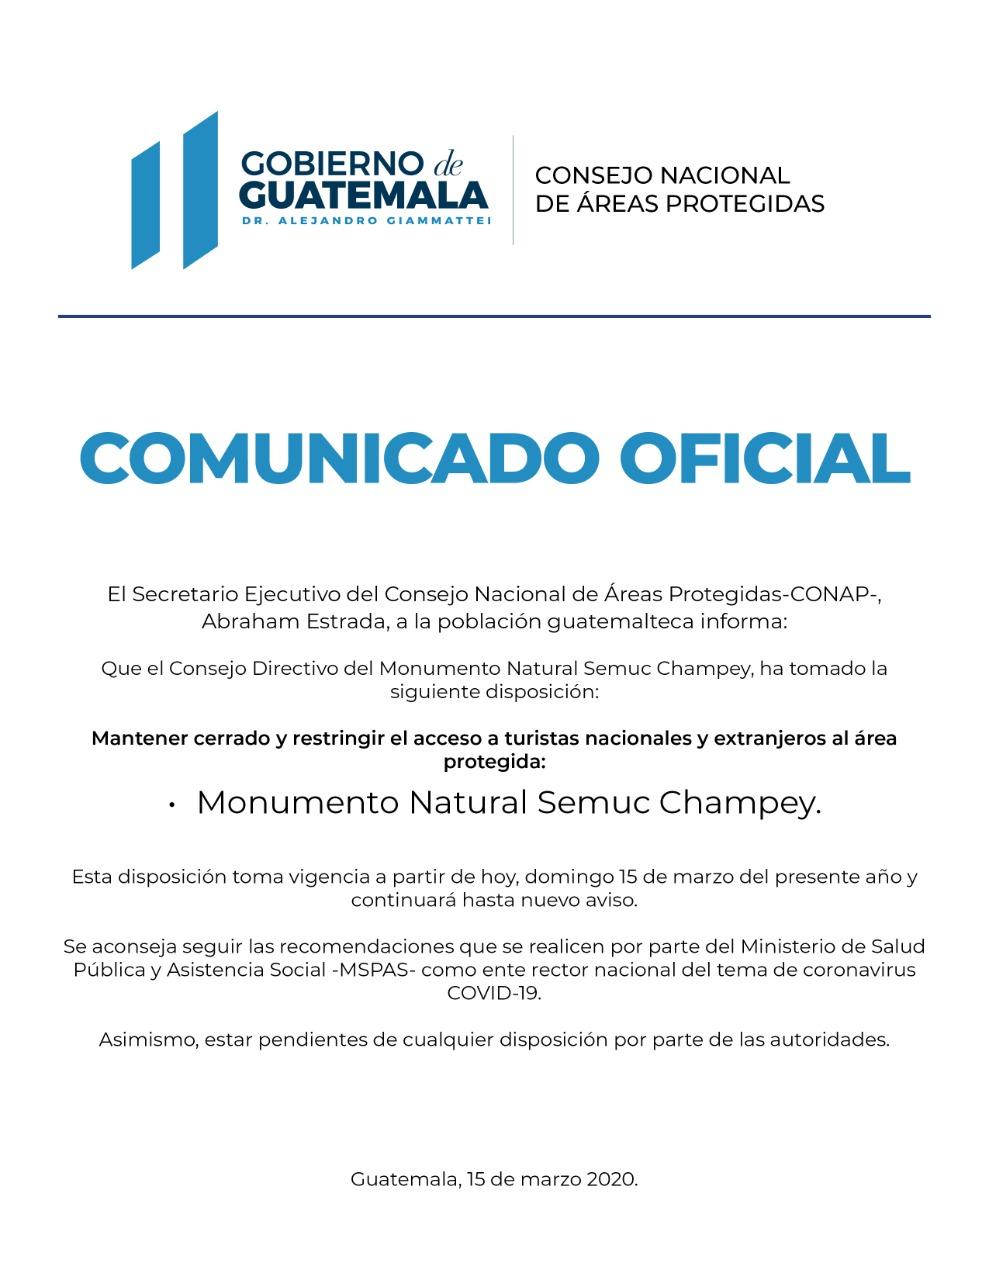 Cerrado y restringido el acceso al Monumento Natural Semuc Champey